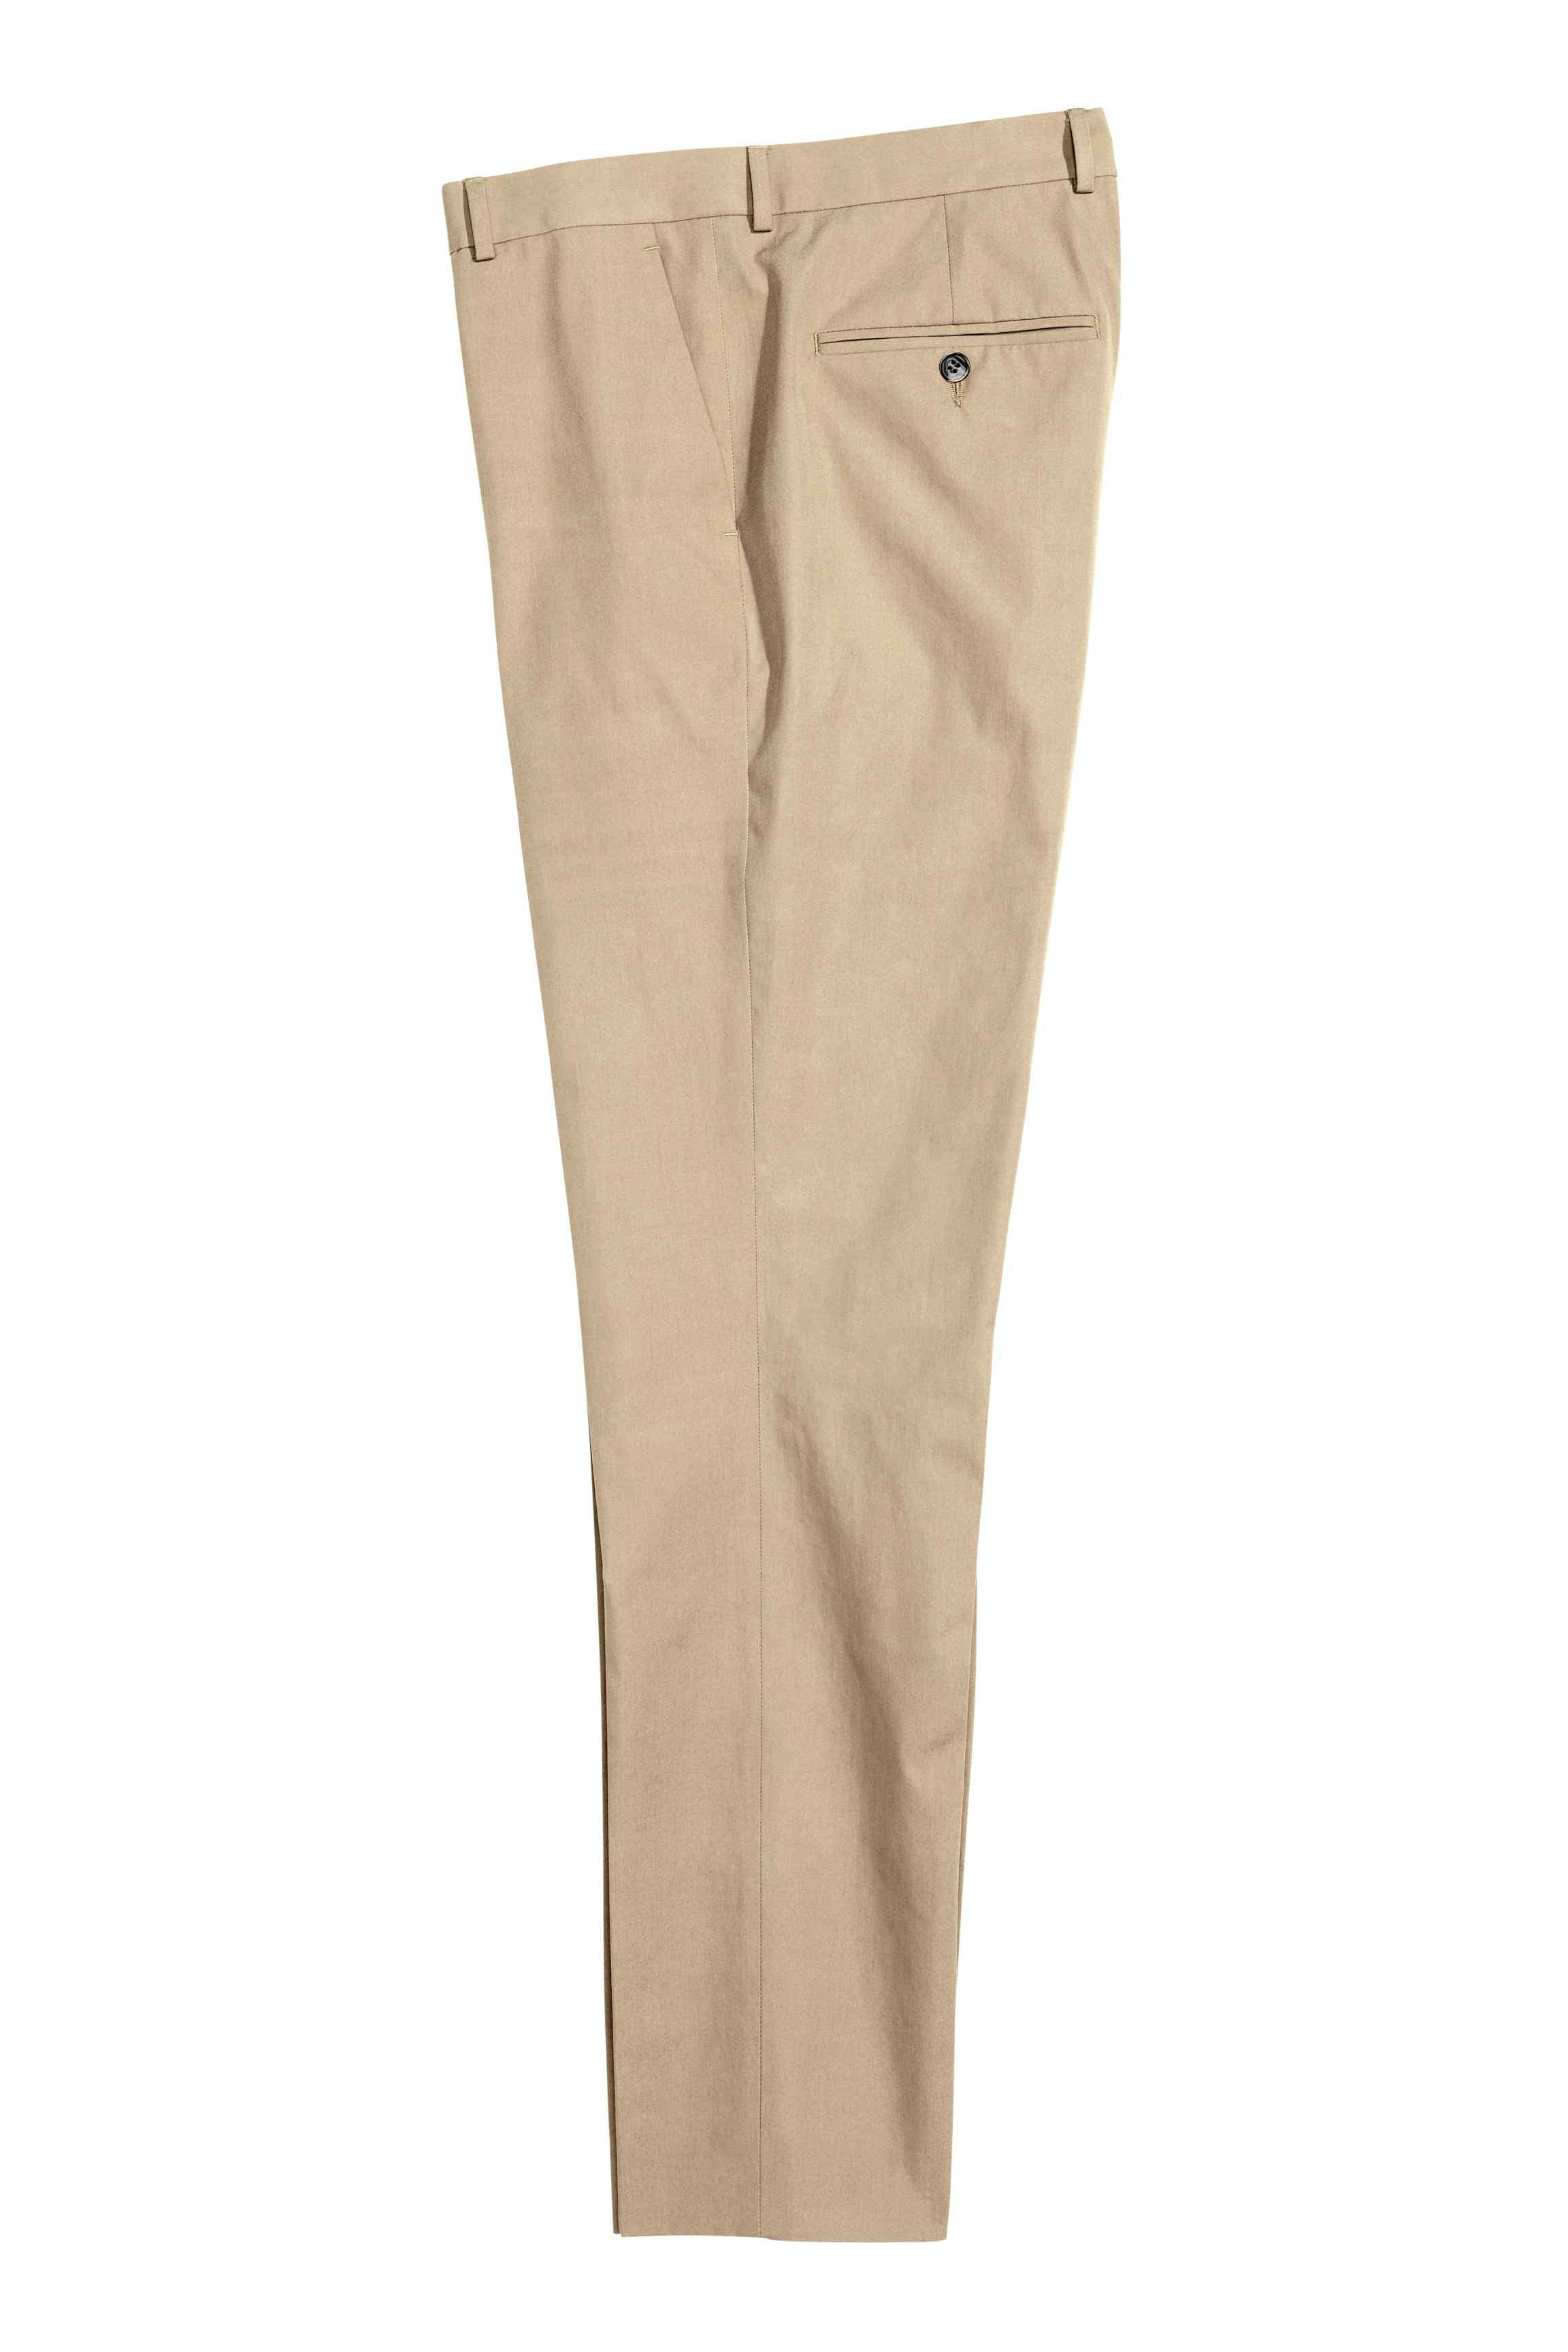 rozmiar 44 spodni meskich hm